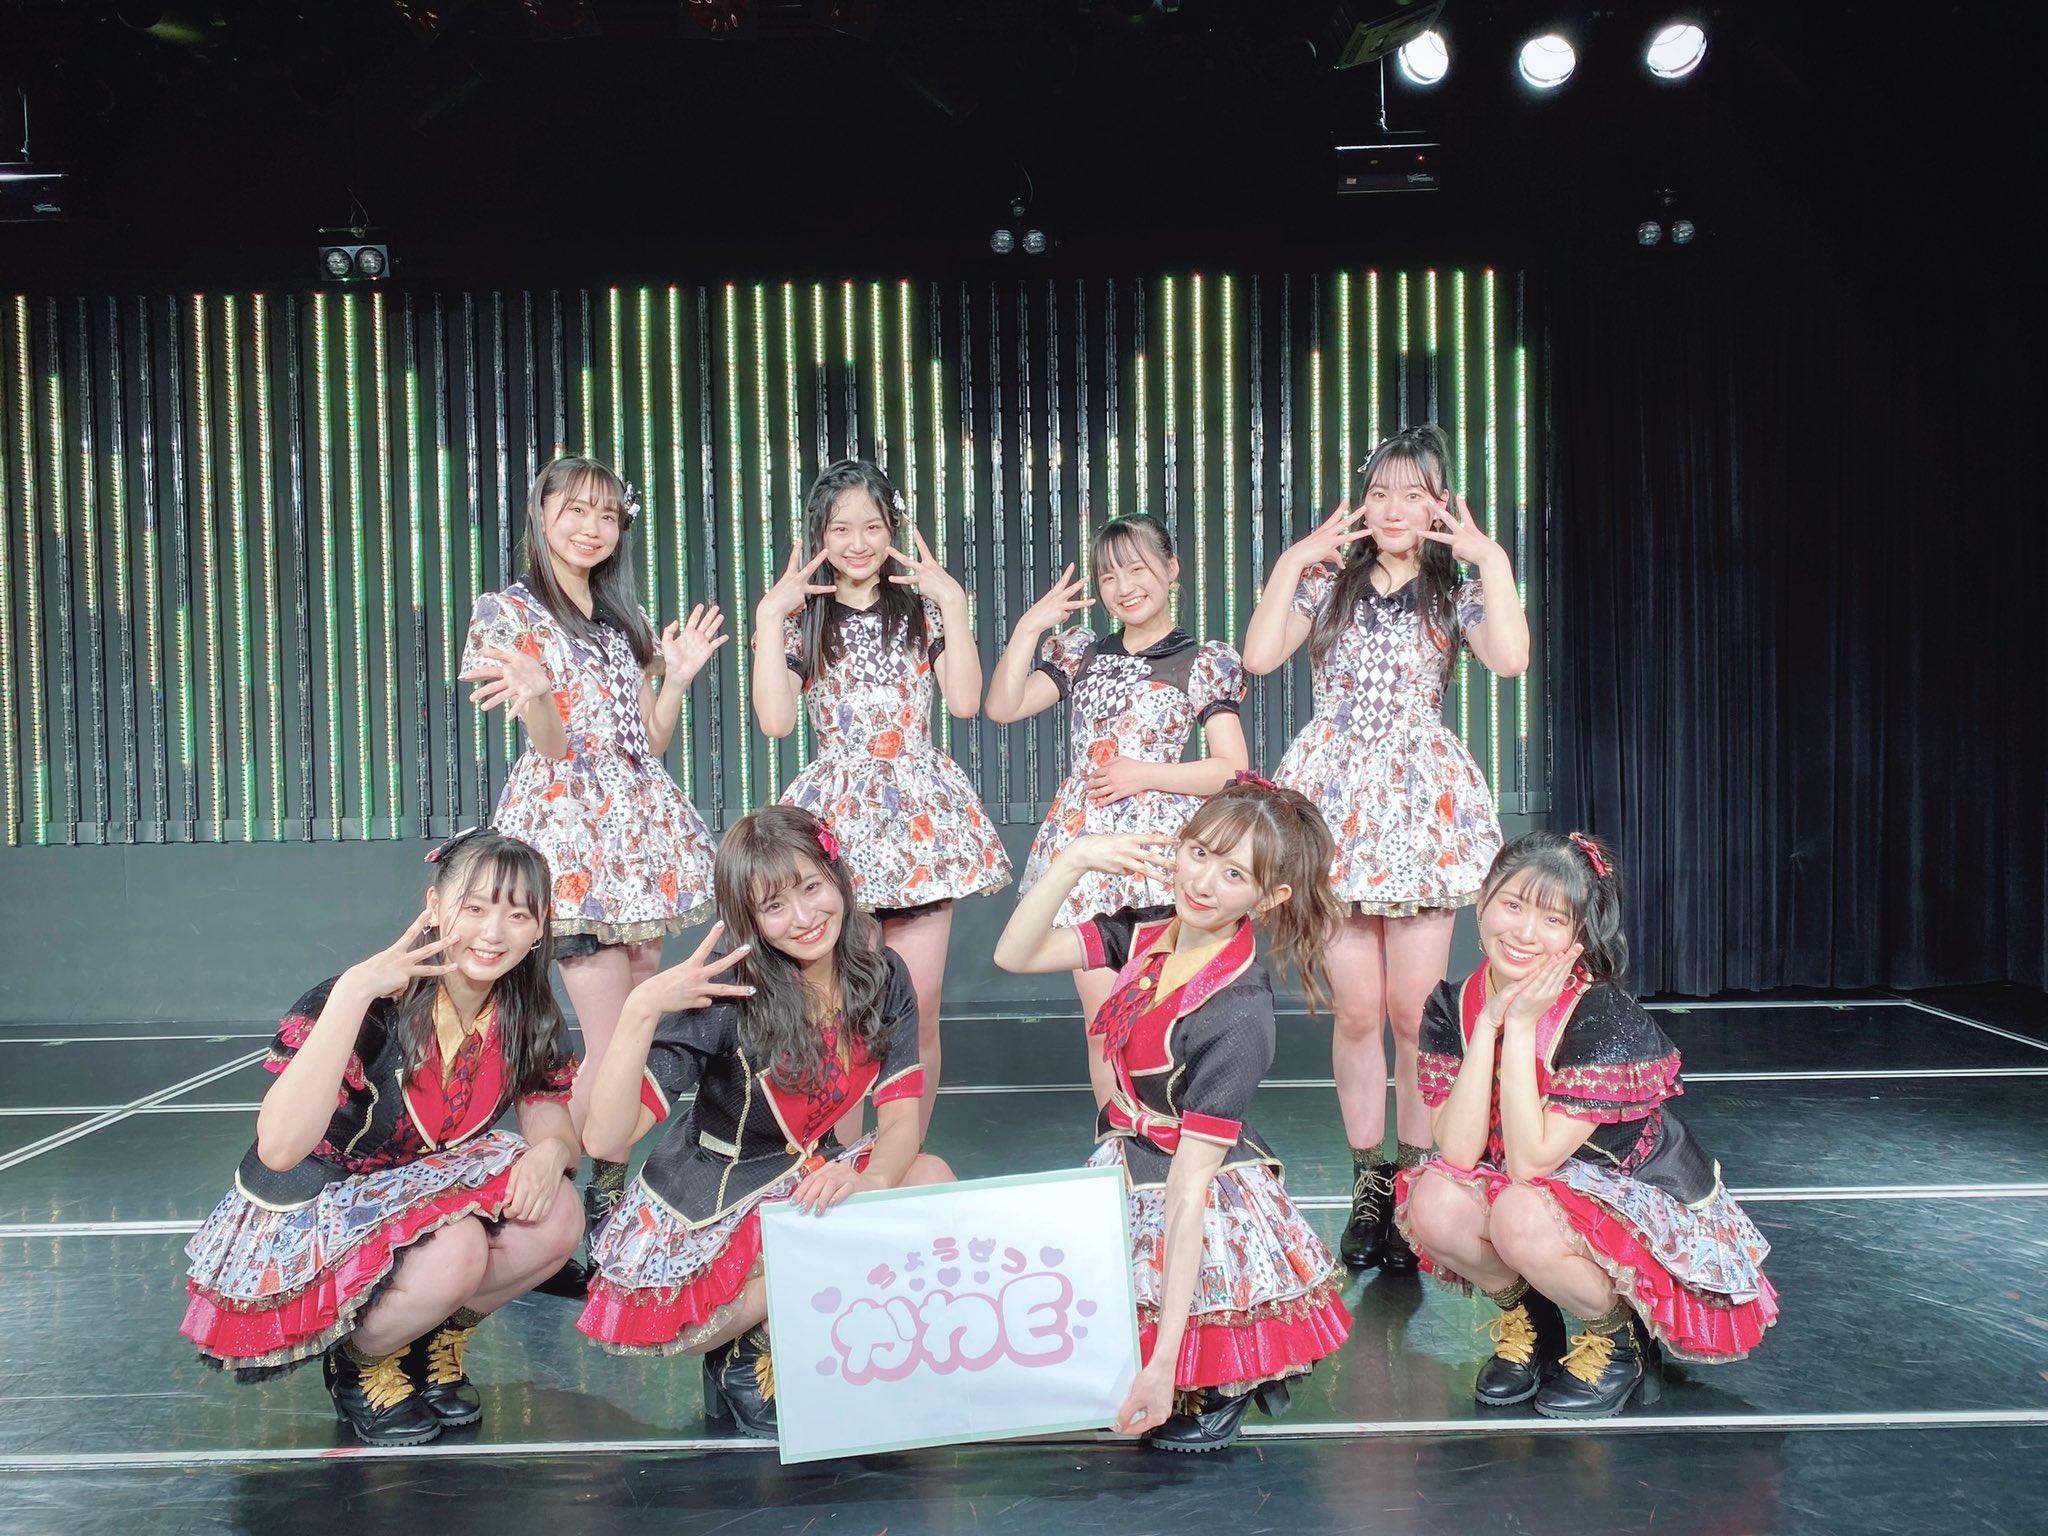 【NMB48】NAMBATTLE公演 ~舞~第3クール ちょうぜつかわEは345点